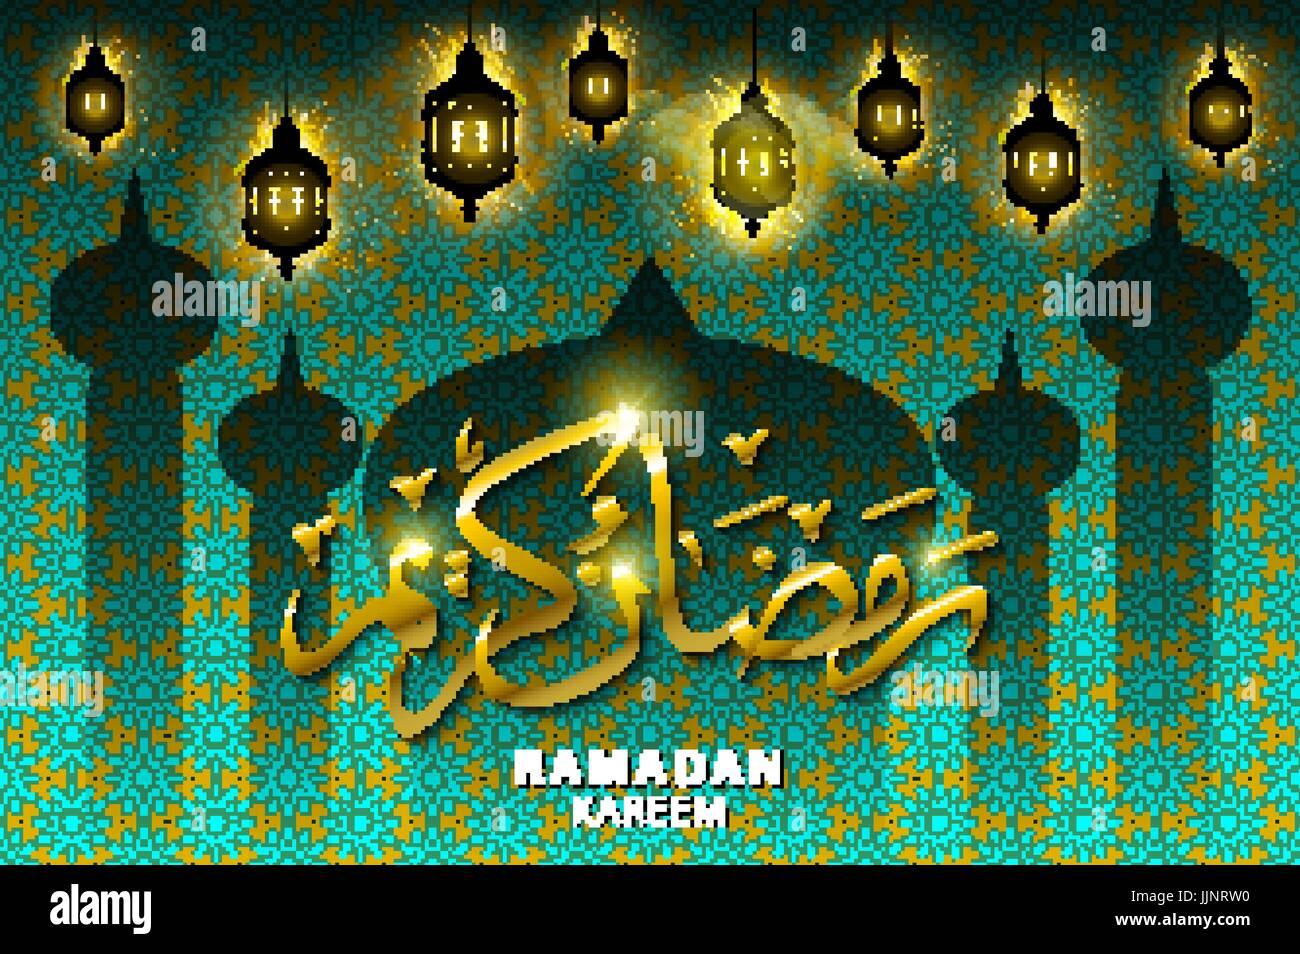 ramadan 2020 nrw